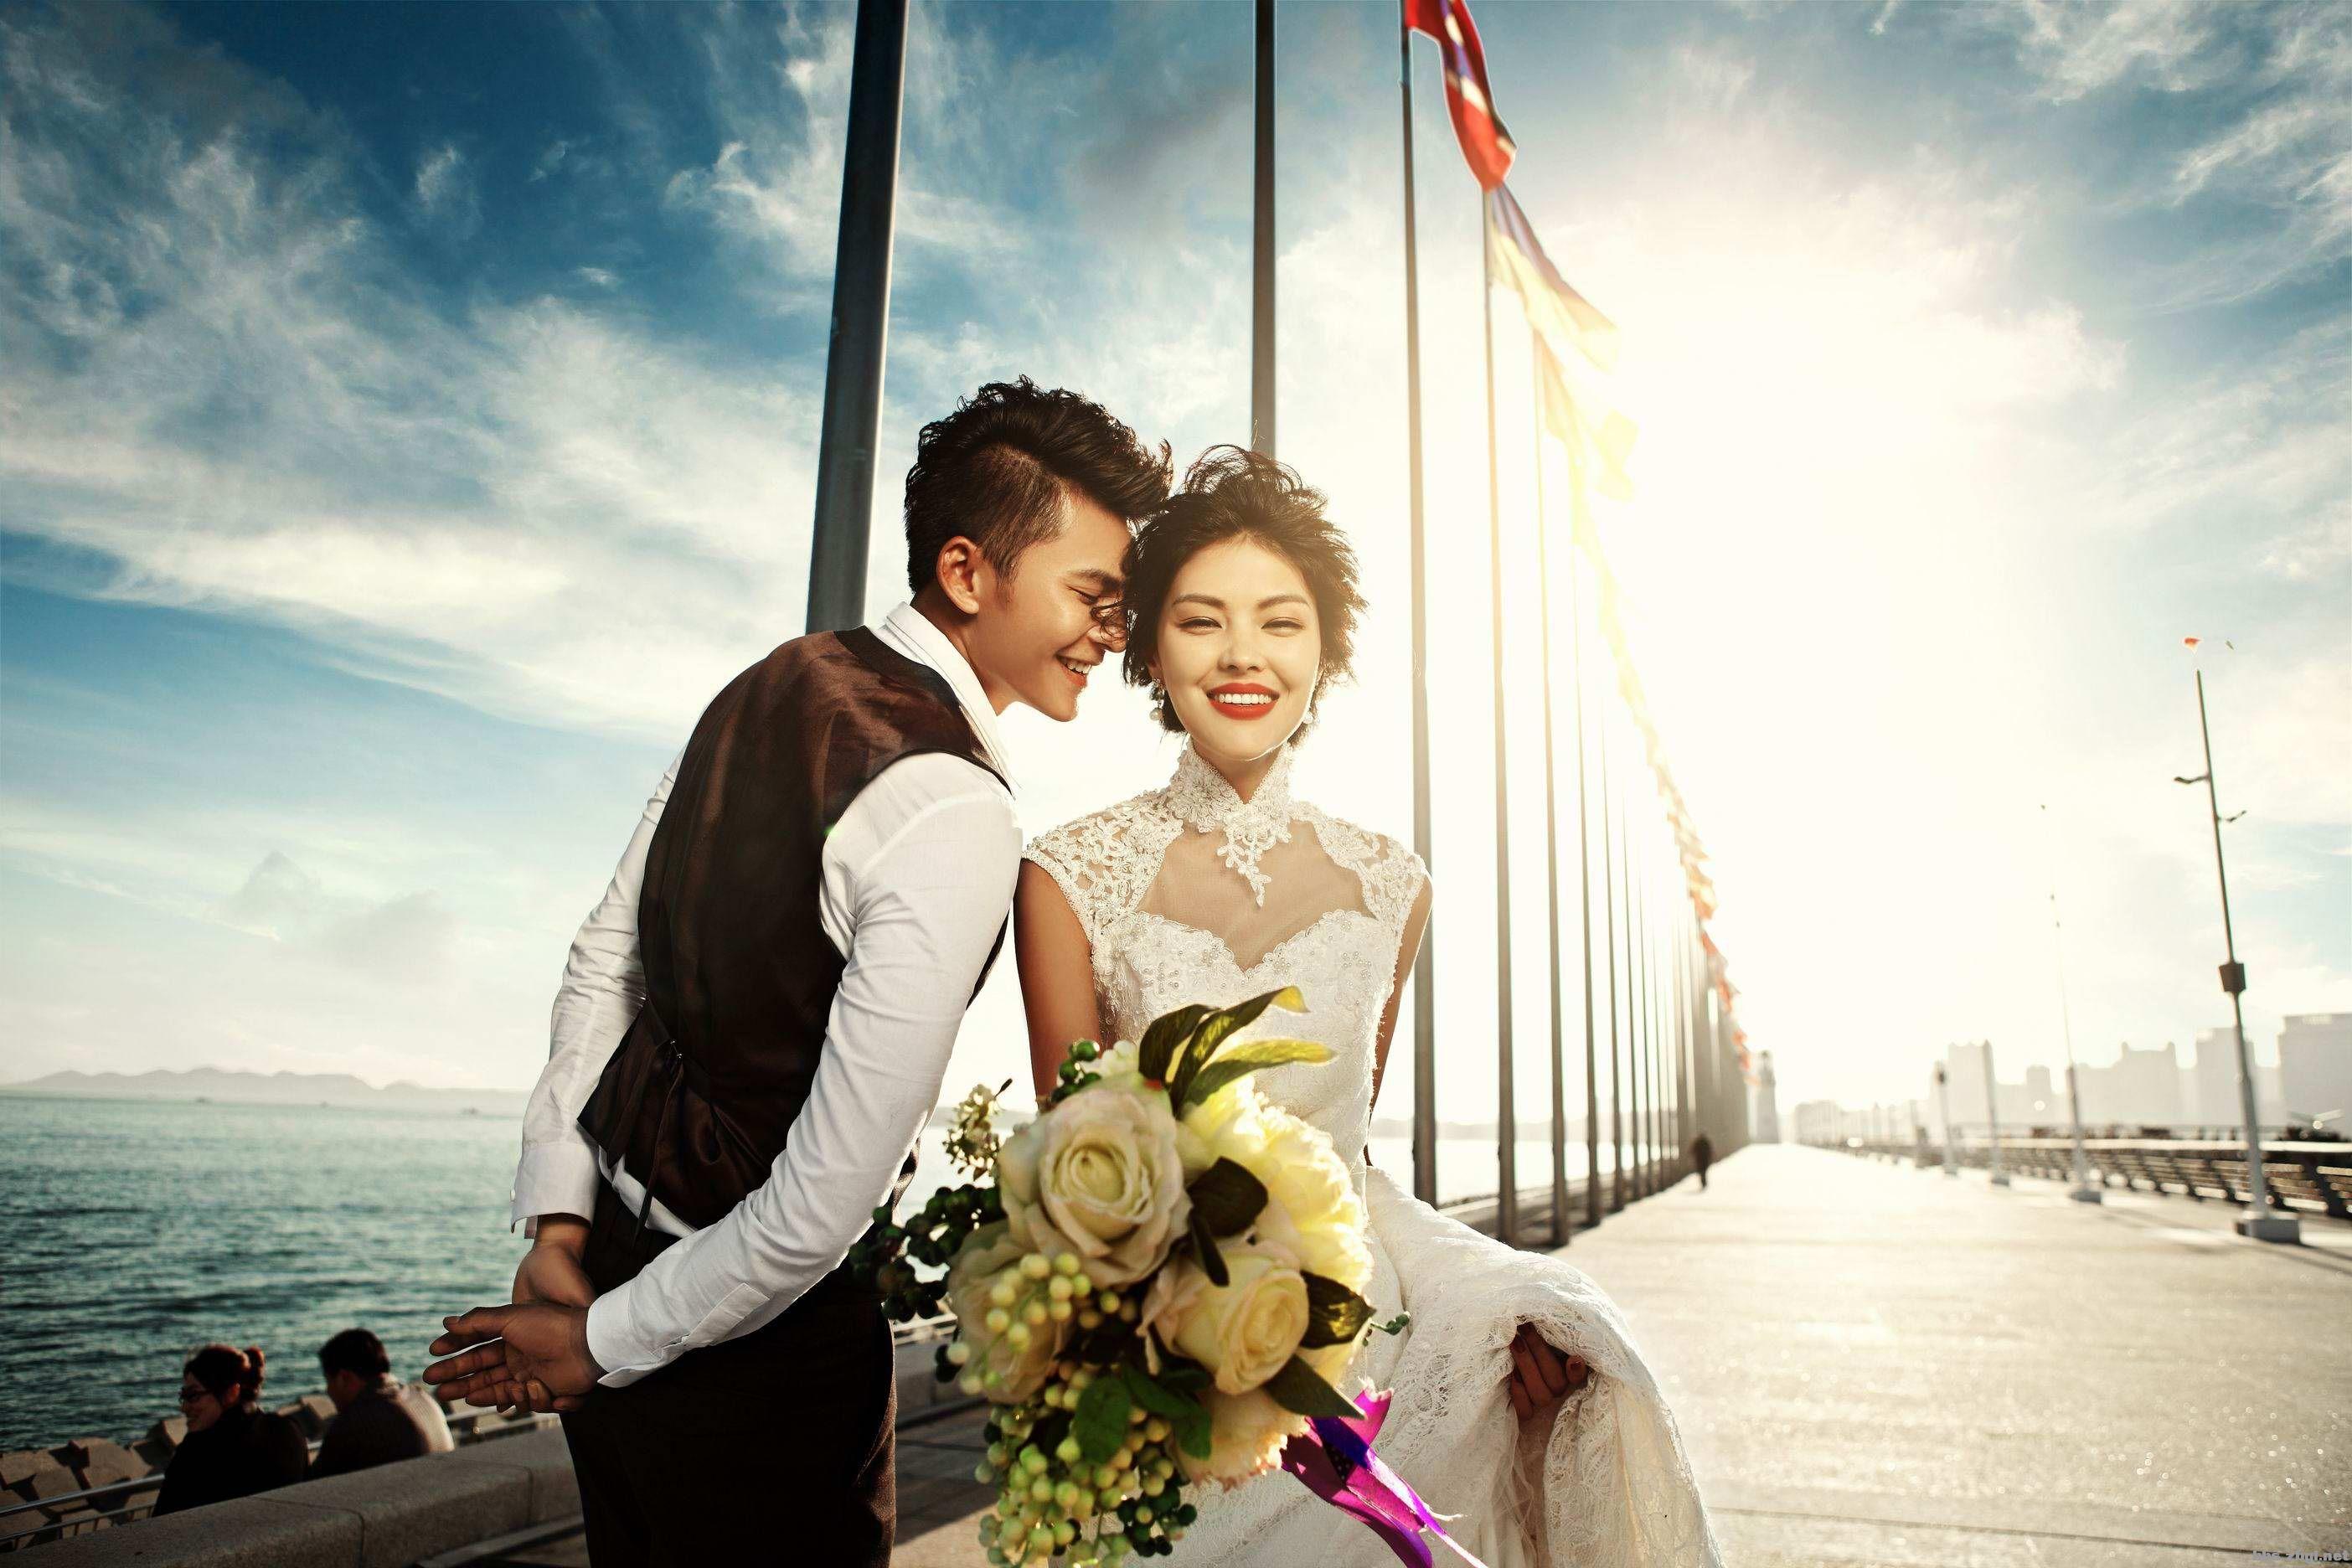 【淄博苏菲亚婚纱摄影】分享青岛海边婚纱照